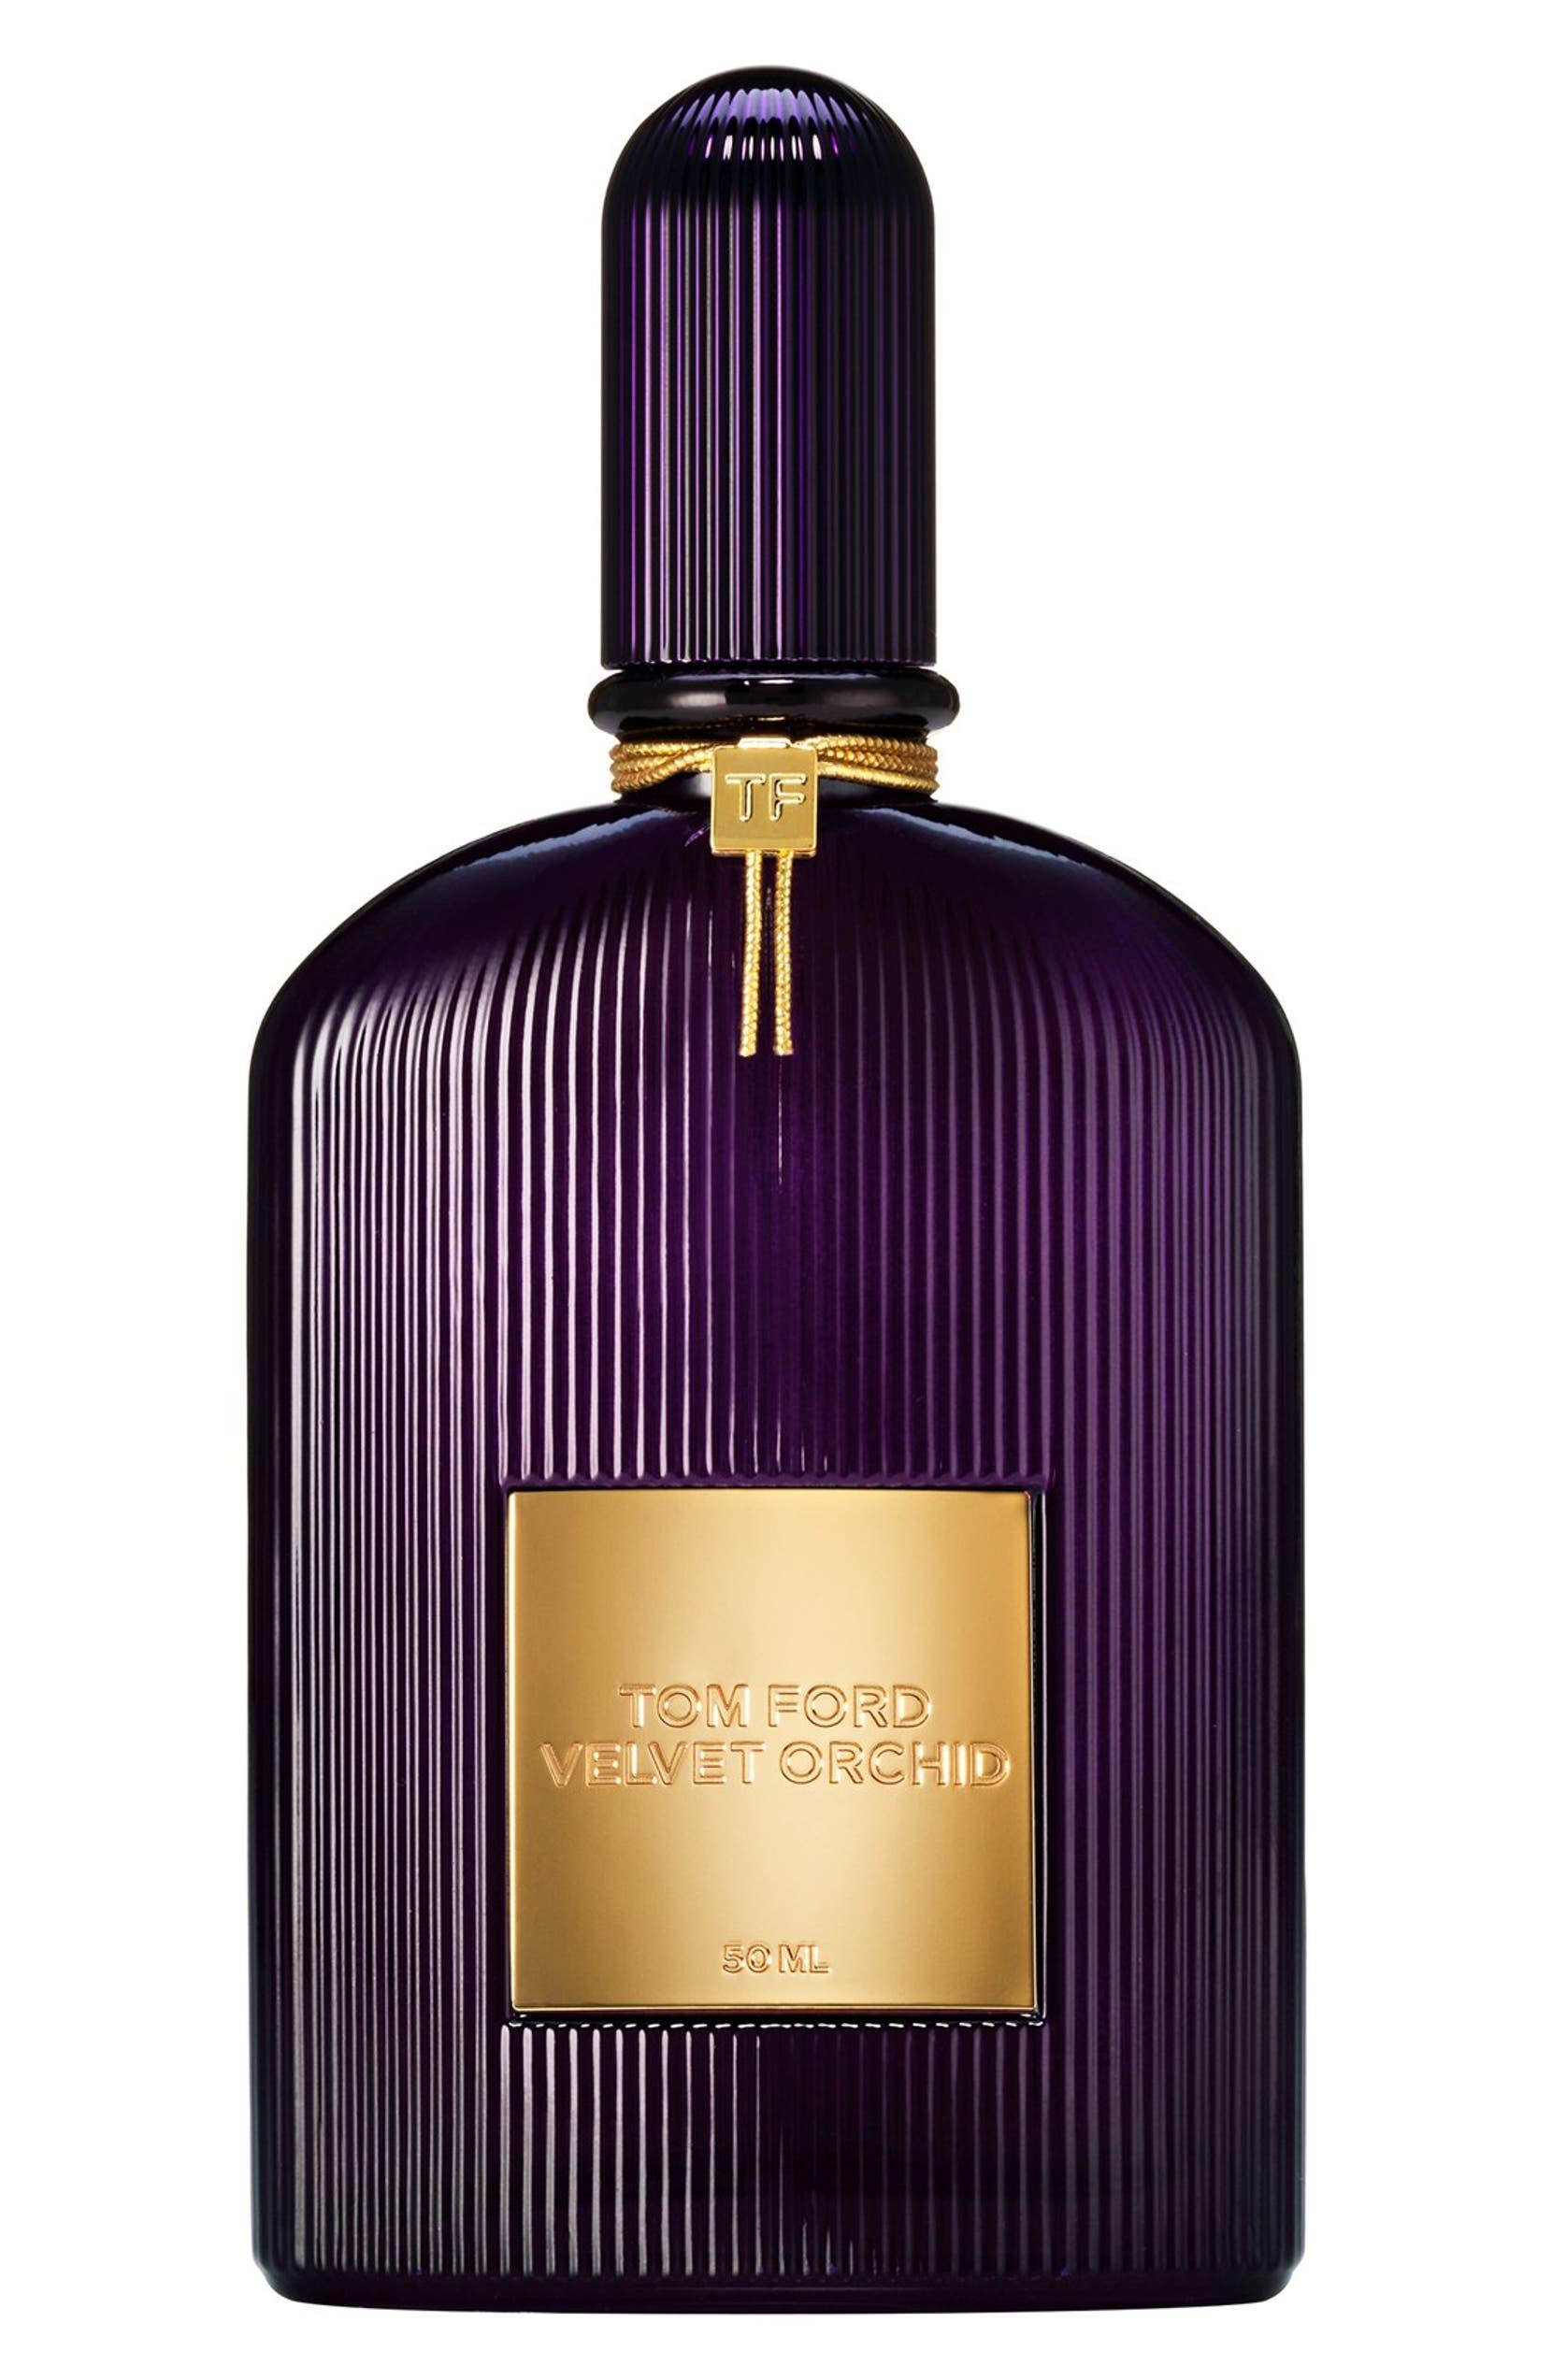 8e36bad2e5ed5 Tom Ford Velvet Orchid Eau de Parfum | Nordstrom